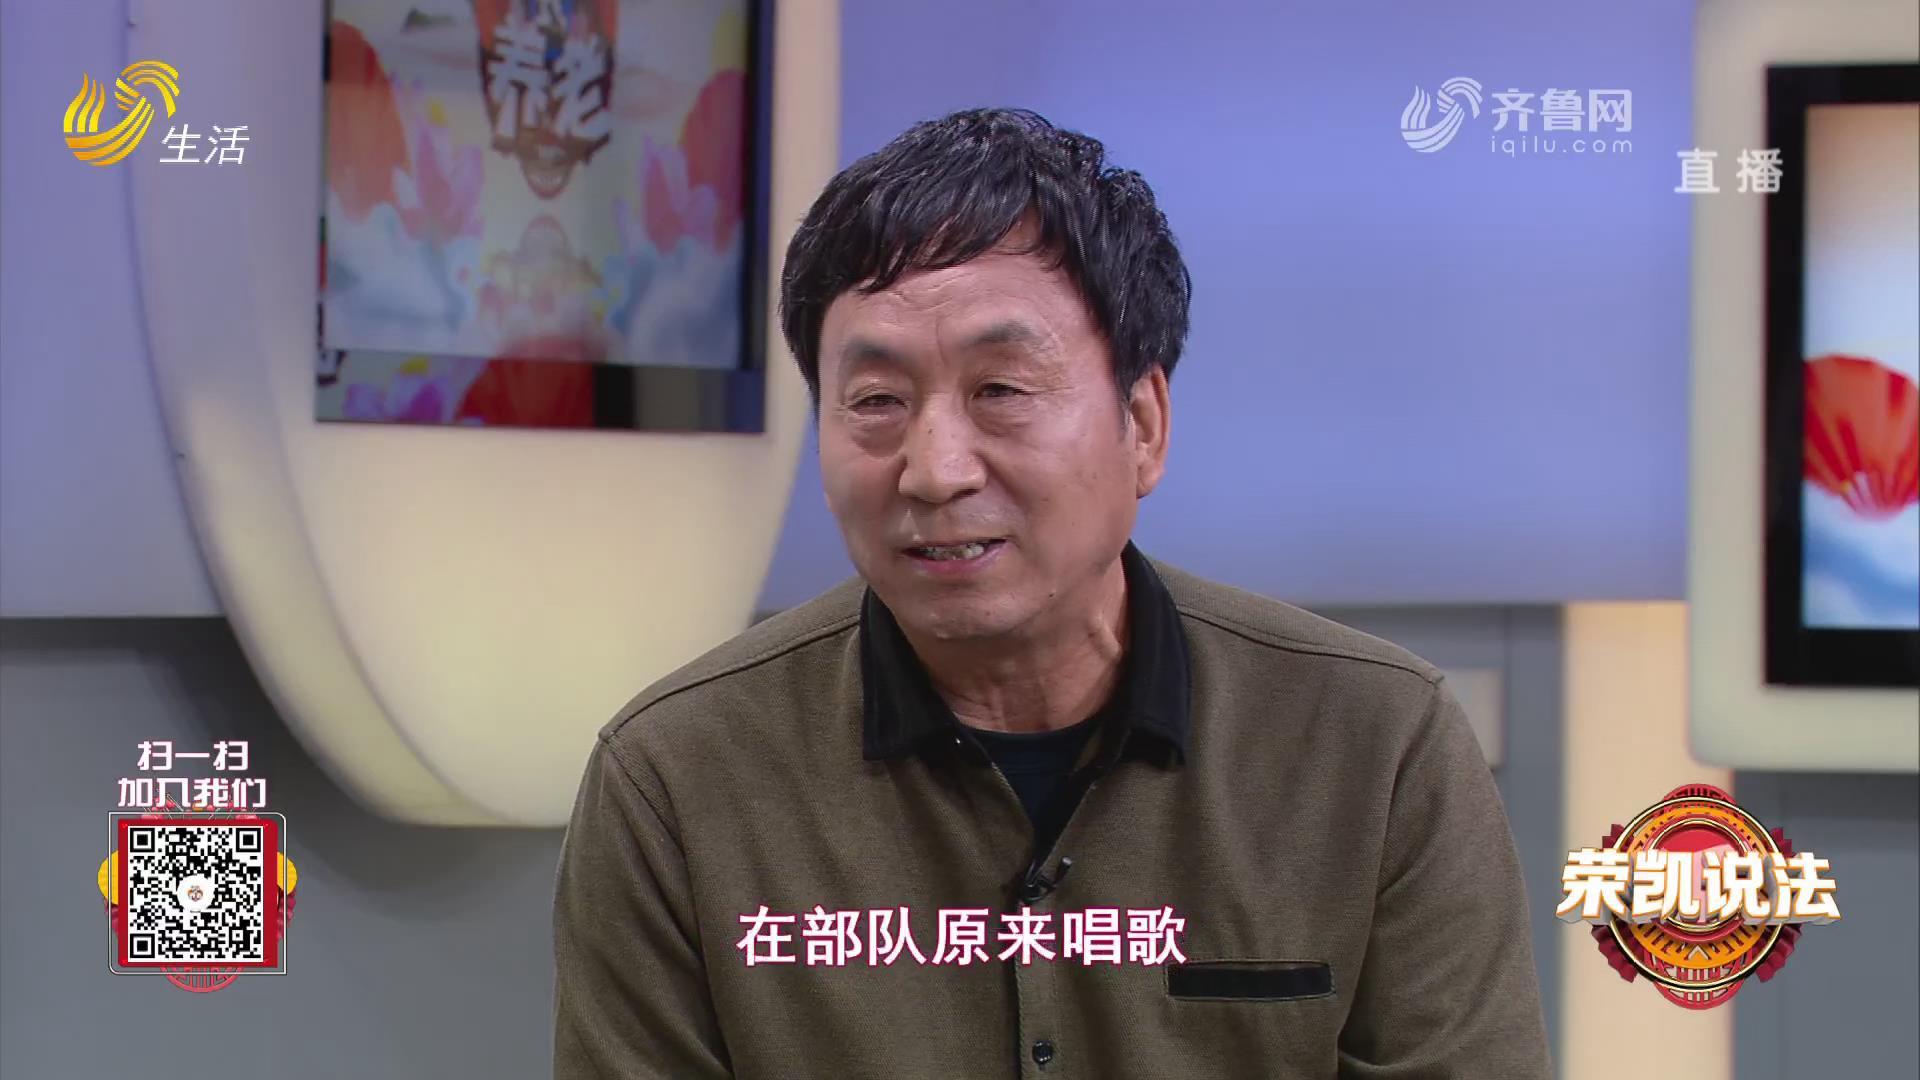 中國式養老-沂蒙老兵合唱團:用軍人的標準管理團隊